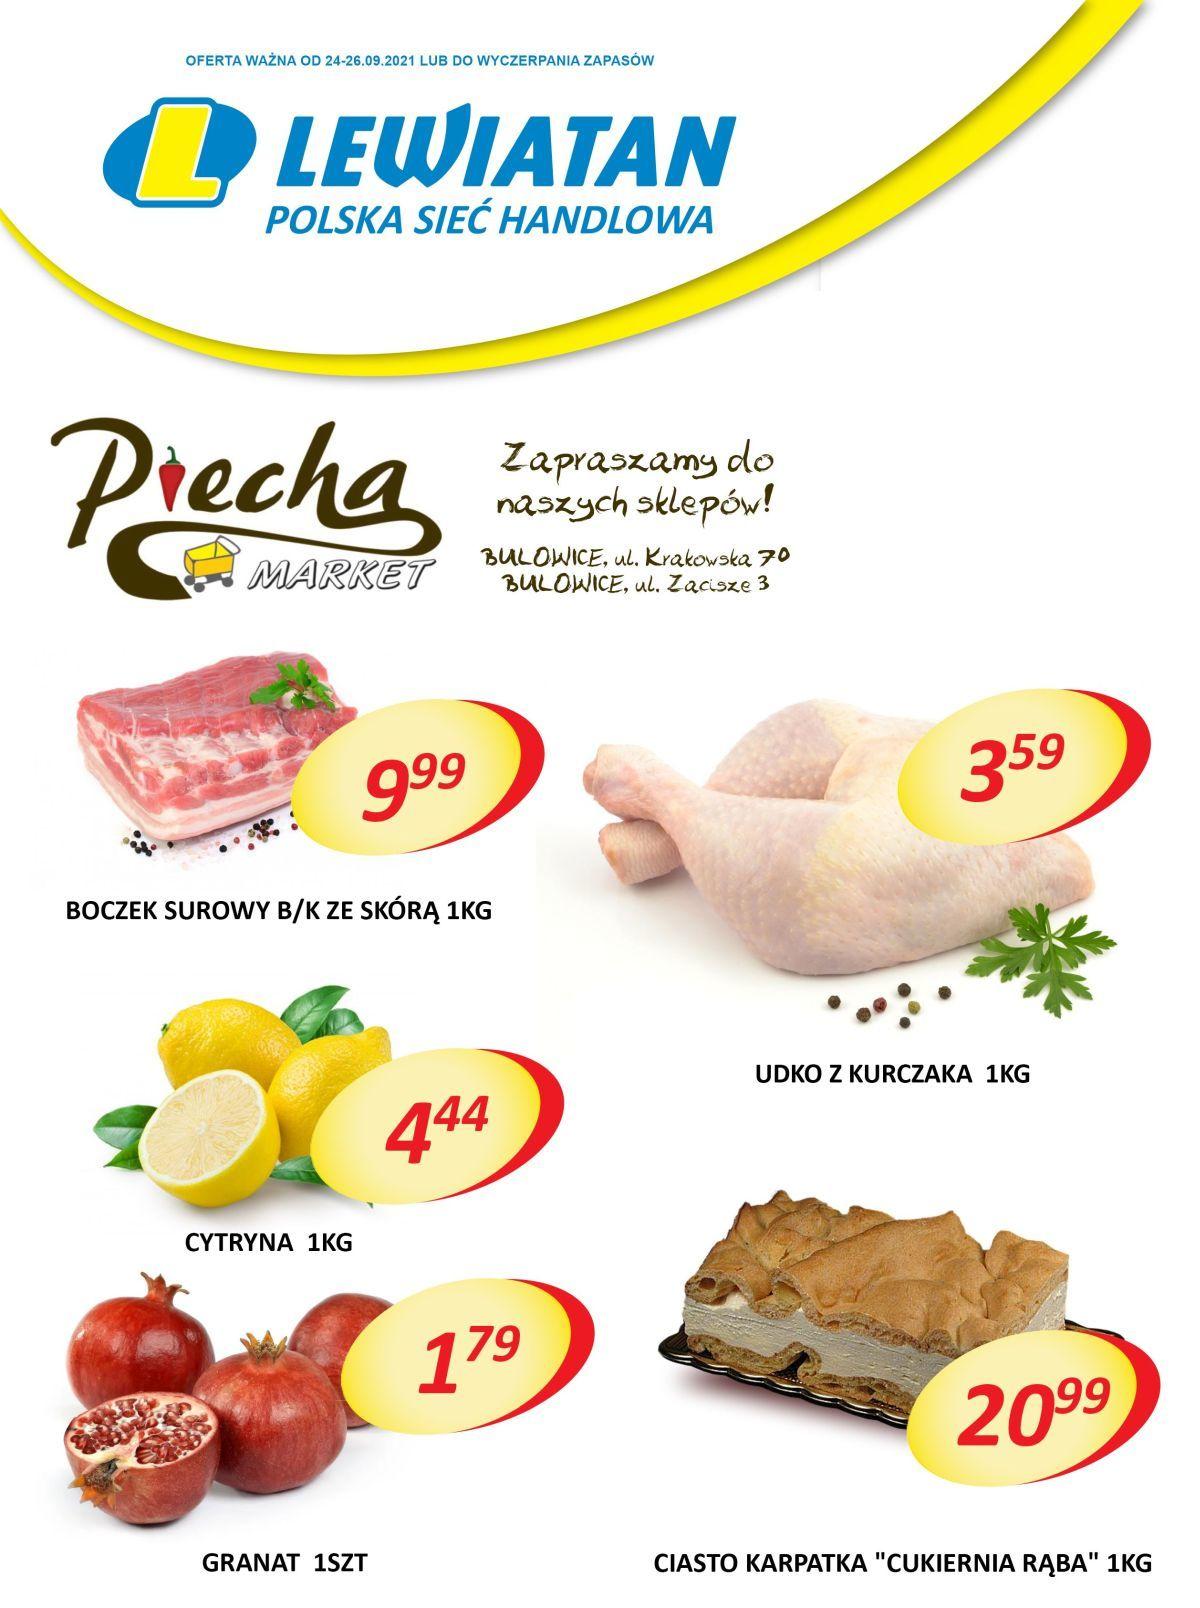 Lewiatan Piecha Market w Bulowicach. Promocje 24-26 września